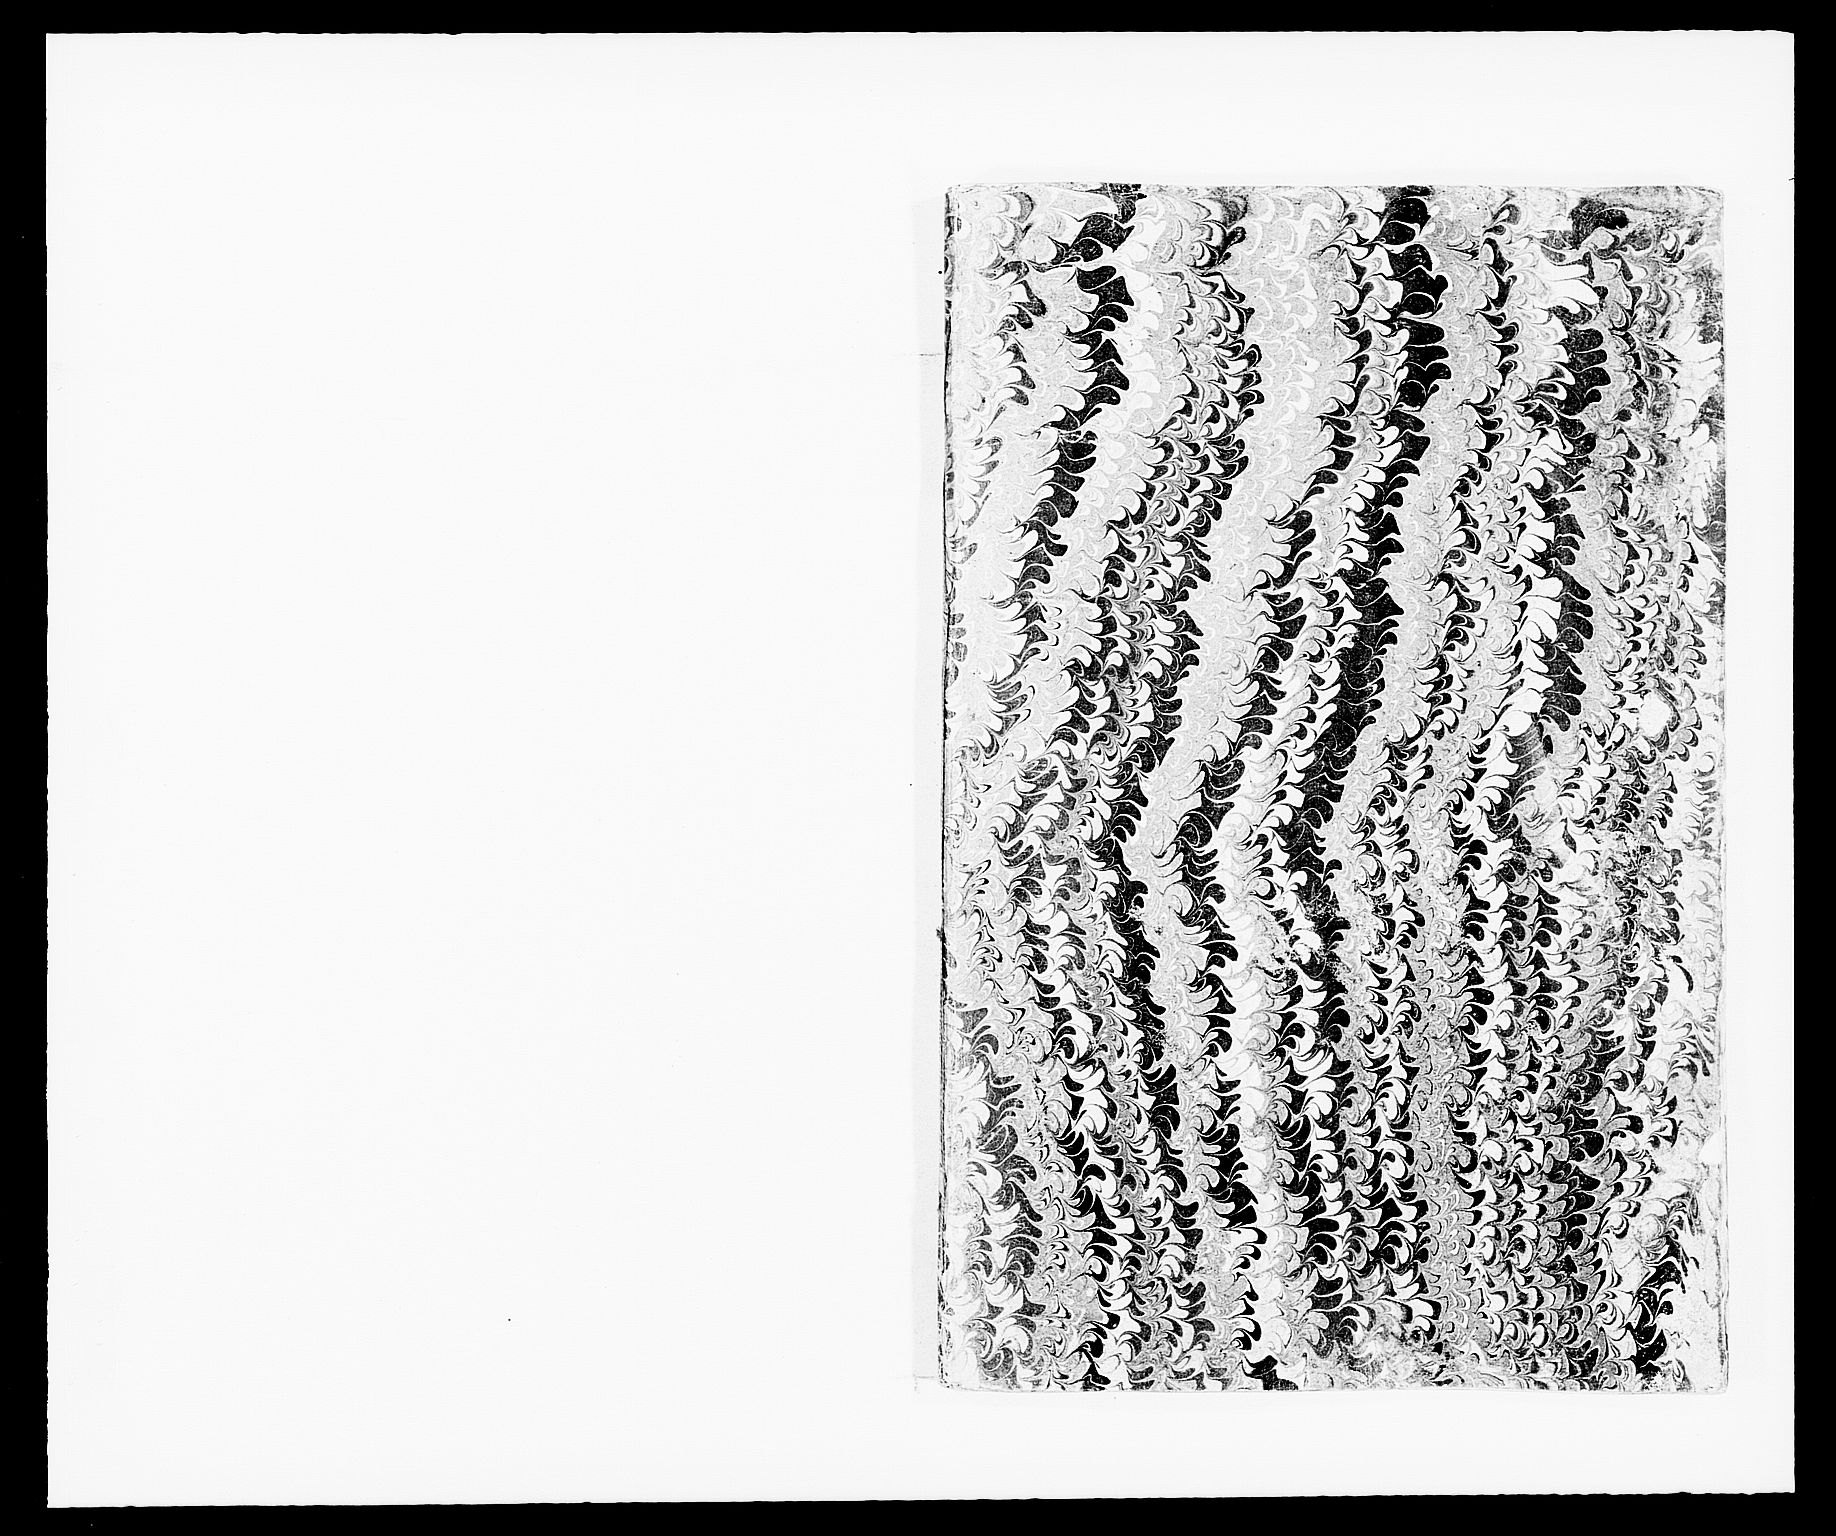 RA, Rentekammeret inntil 1814, Reviderte regnskaper, Fogderegnskap, R01/L0005: Fogderegnskap Idd og Marker , 1682-1684, s. 13